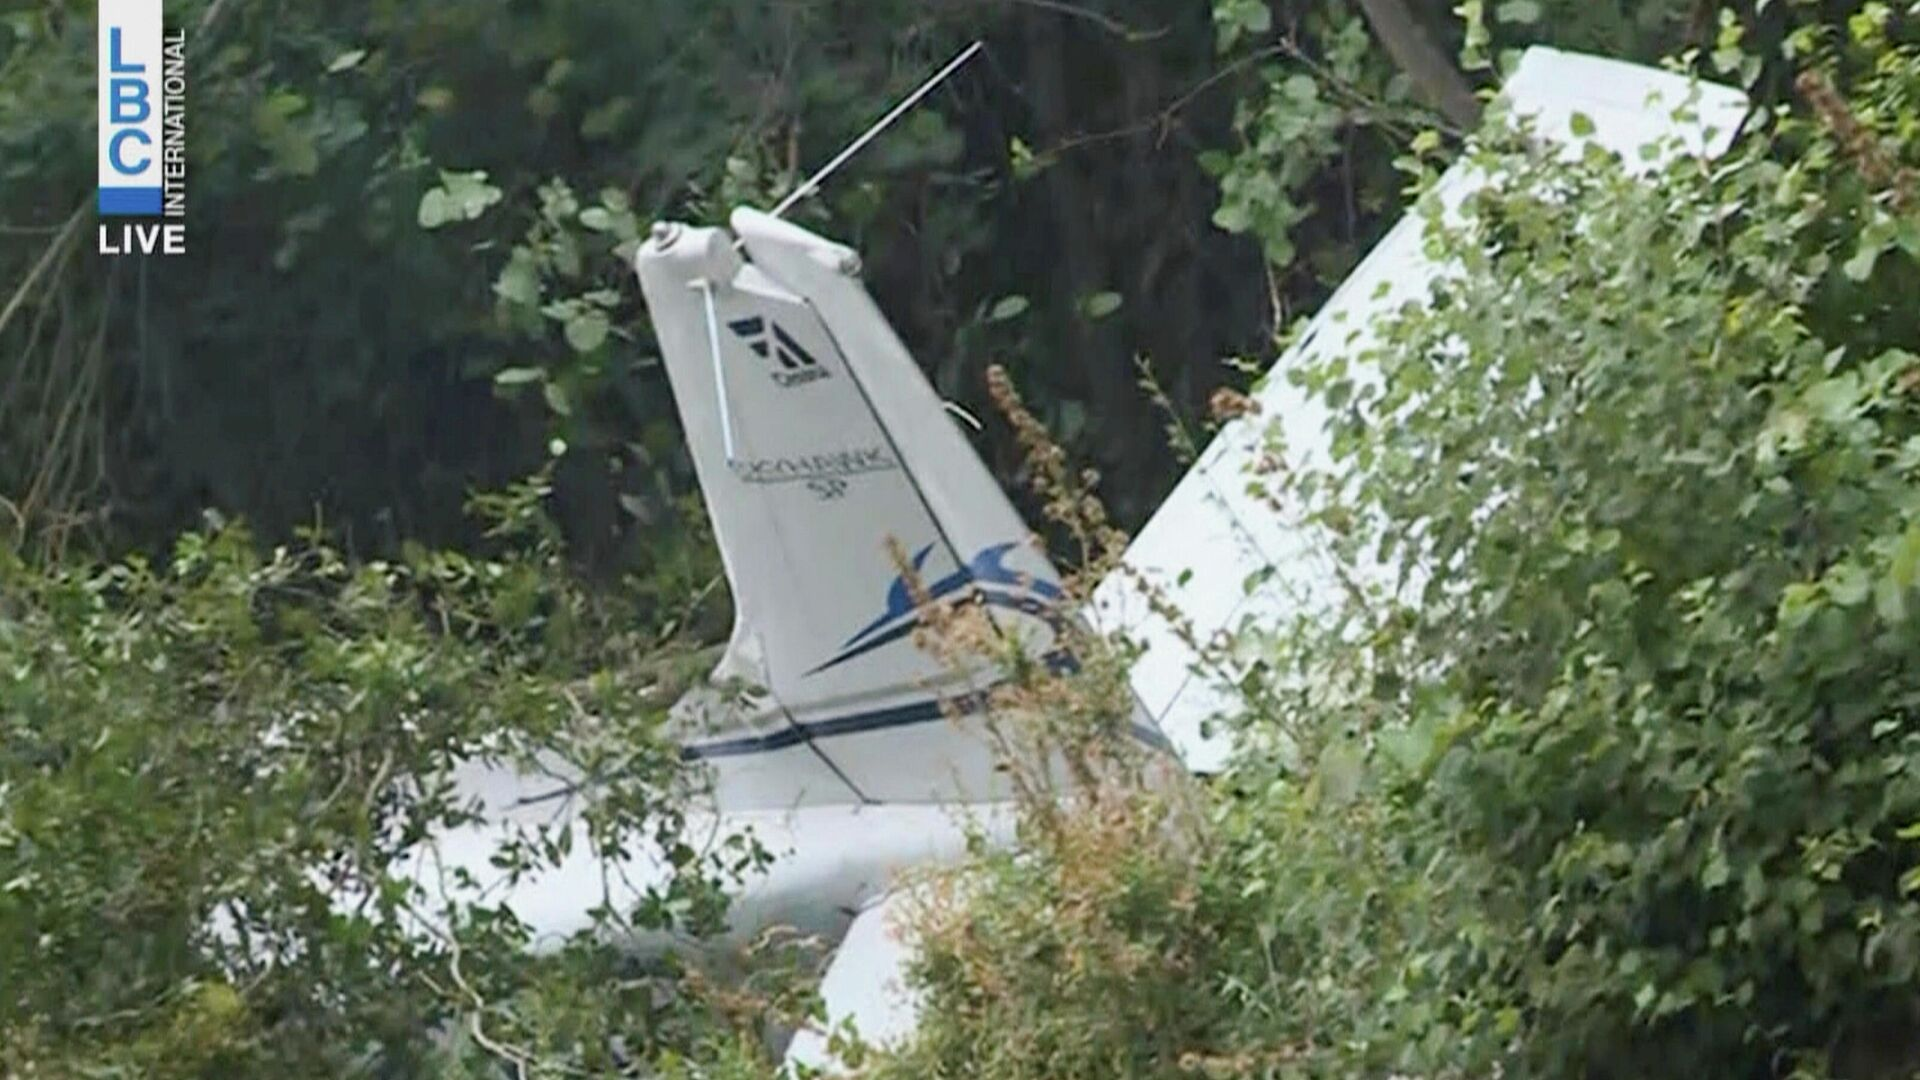 Lugar del accidente de un avión civil de entrenamiento en la localidad de Ghosta, el Líbano - Sputnik Mundo, 1920, 08.07.2021